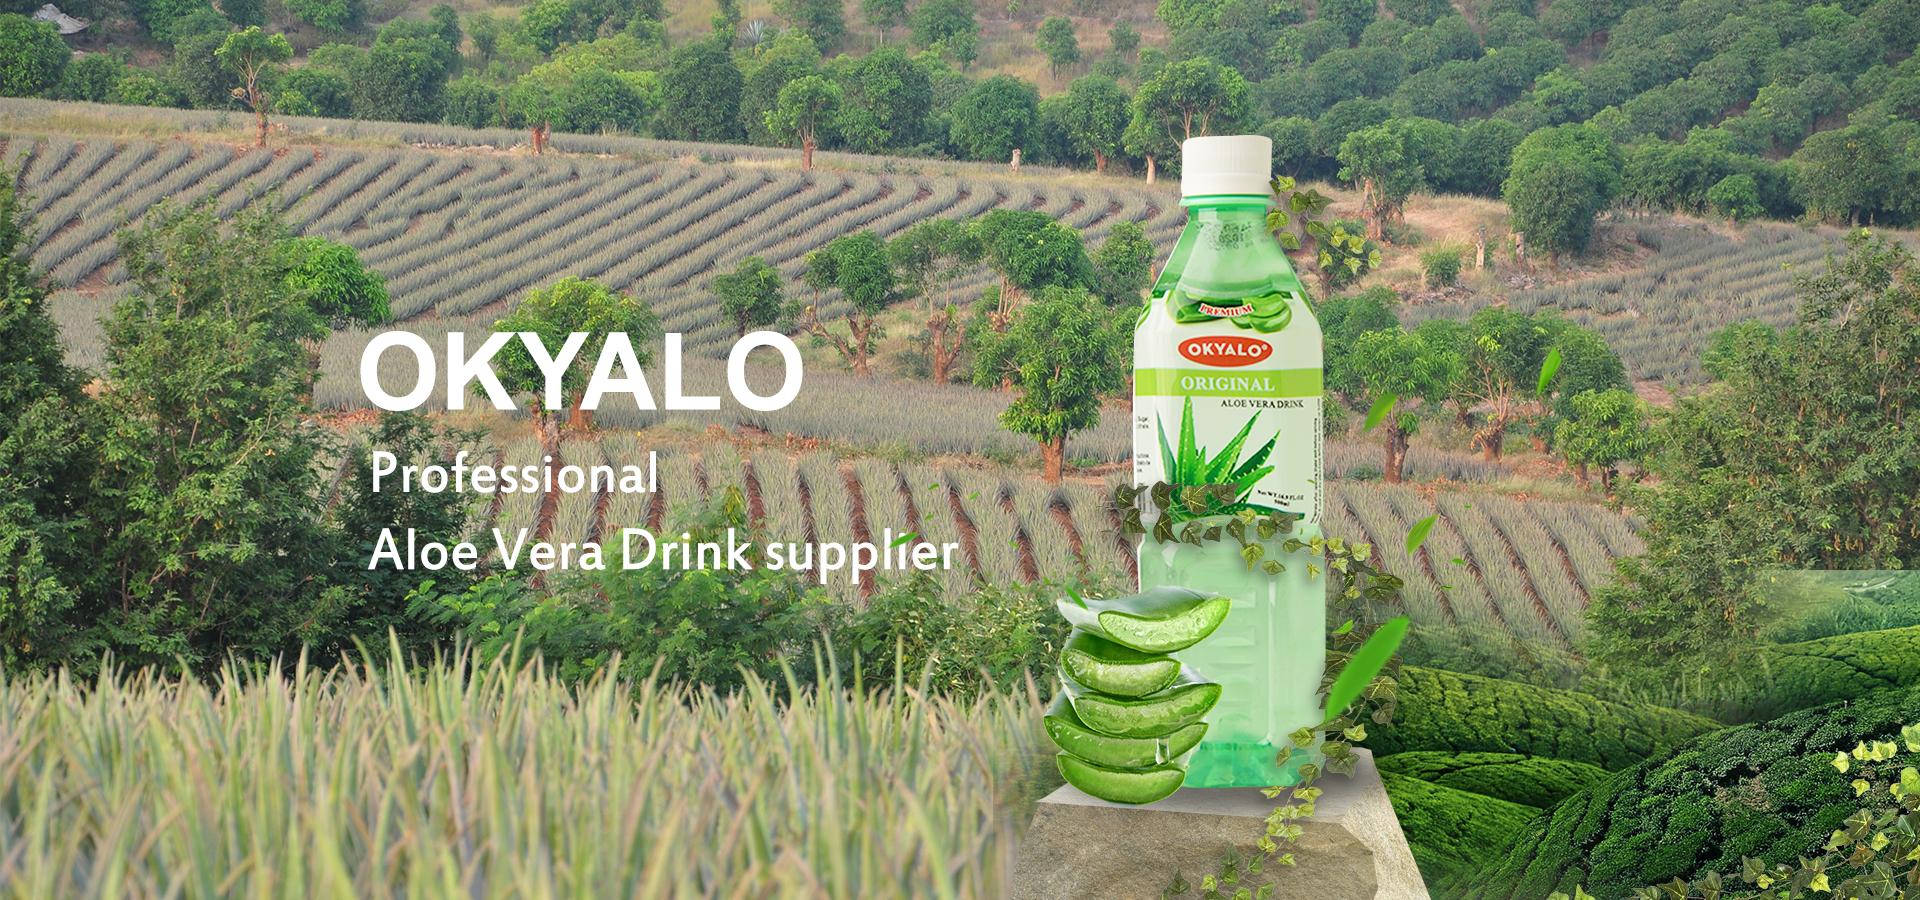 Aloe Vera Drink Supplier